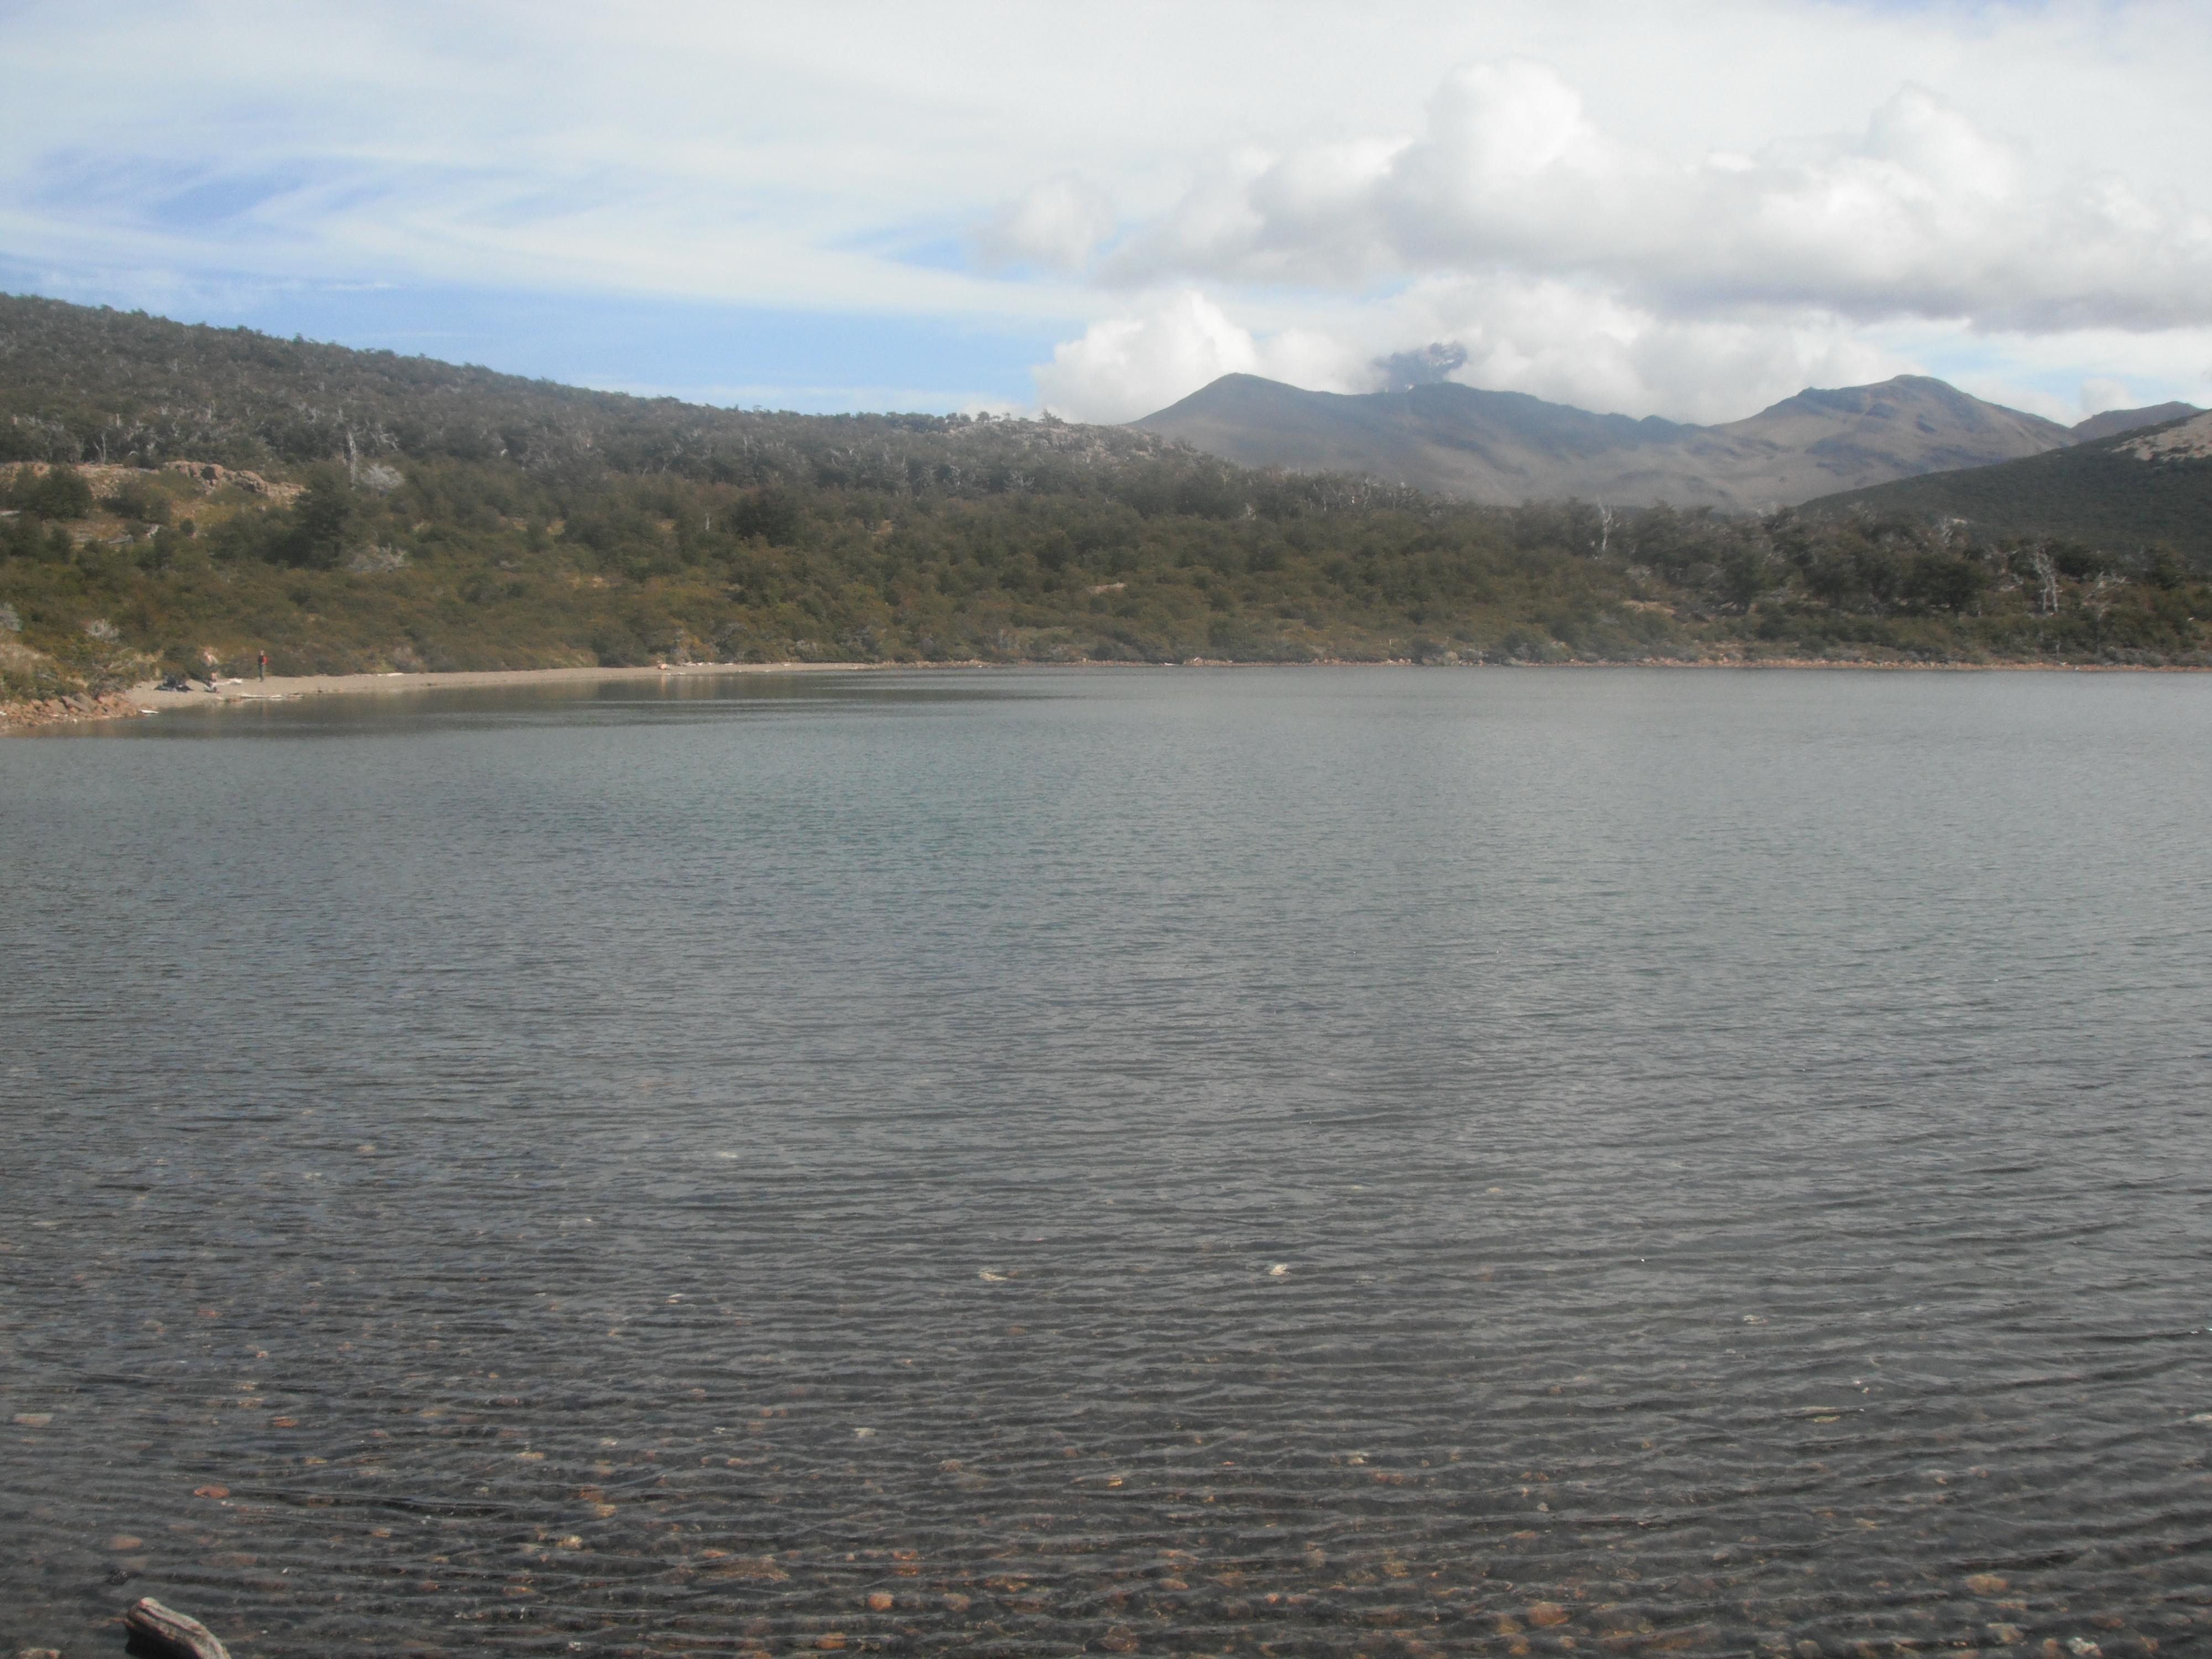 АРГЕНТИНА 27.02.2012 озеро Капри на склоне Фицроя.